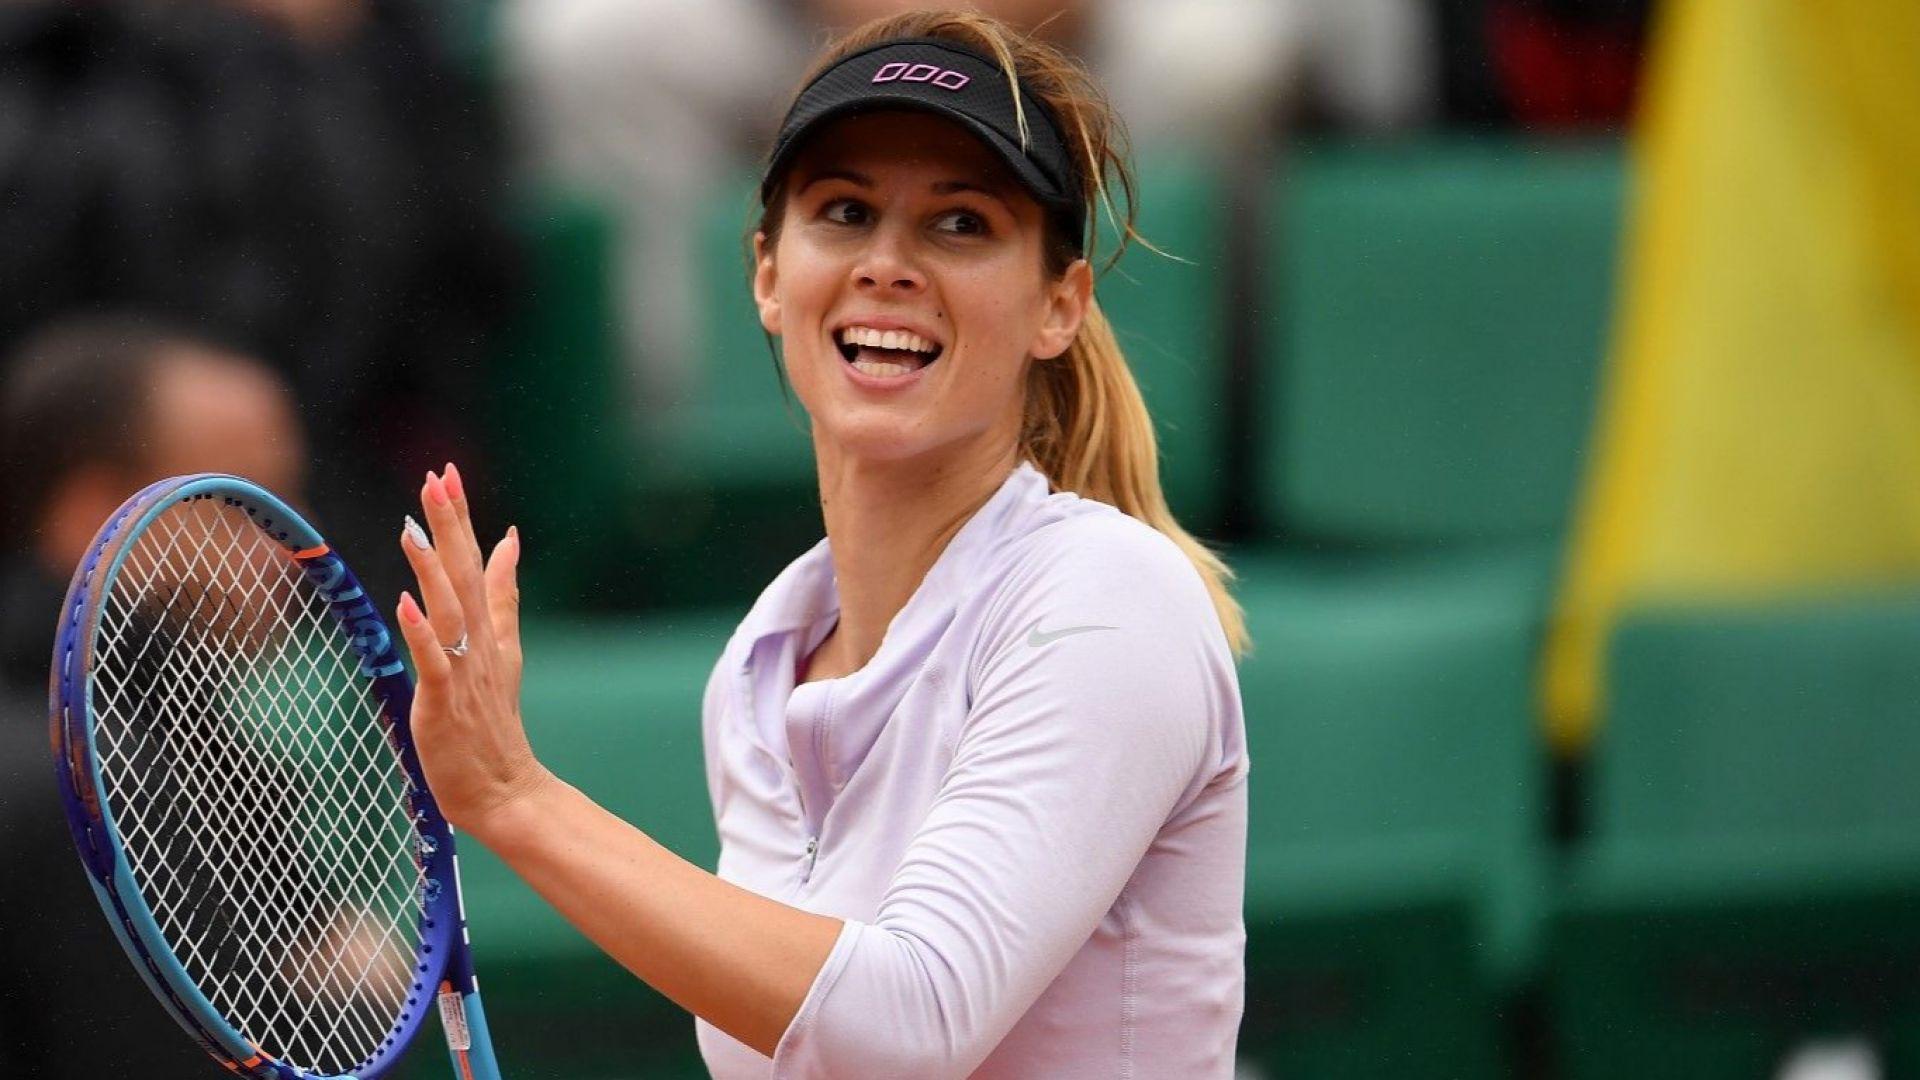 Цвети Пиронкова пред Dir.bg: В спорта пътят е стръмен, но винаги смислен